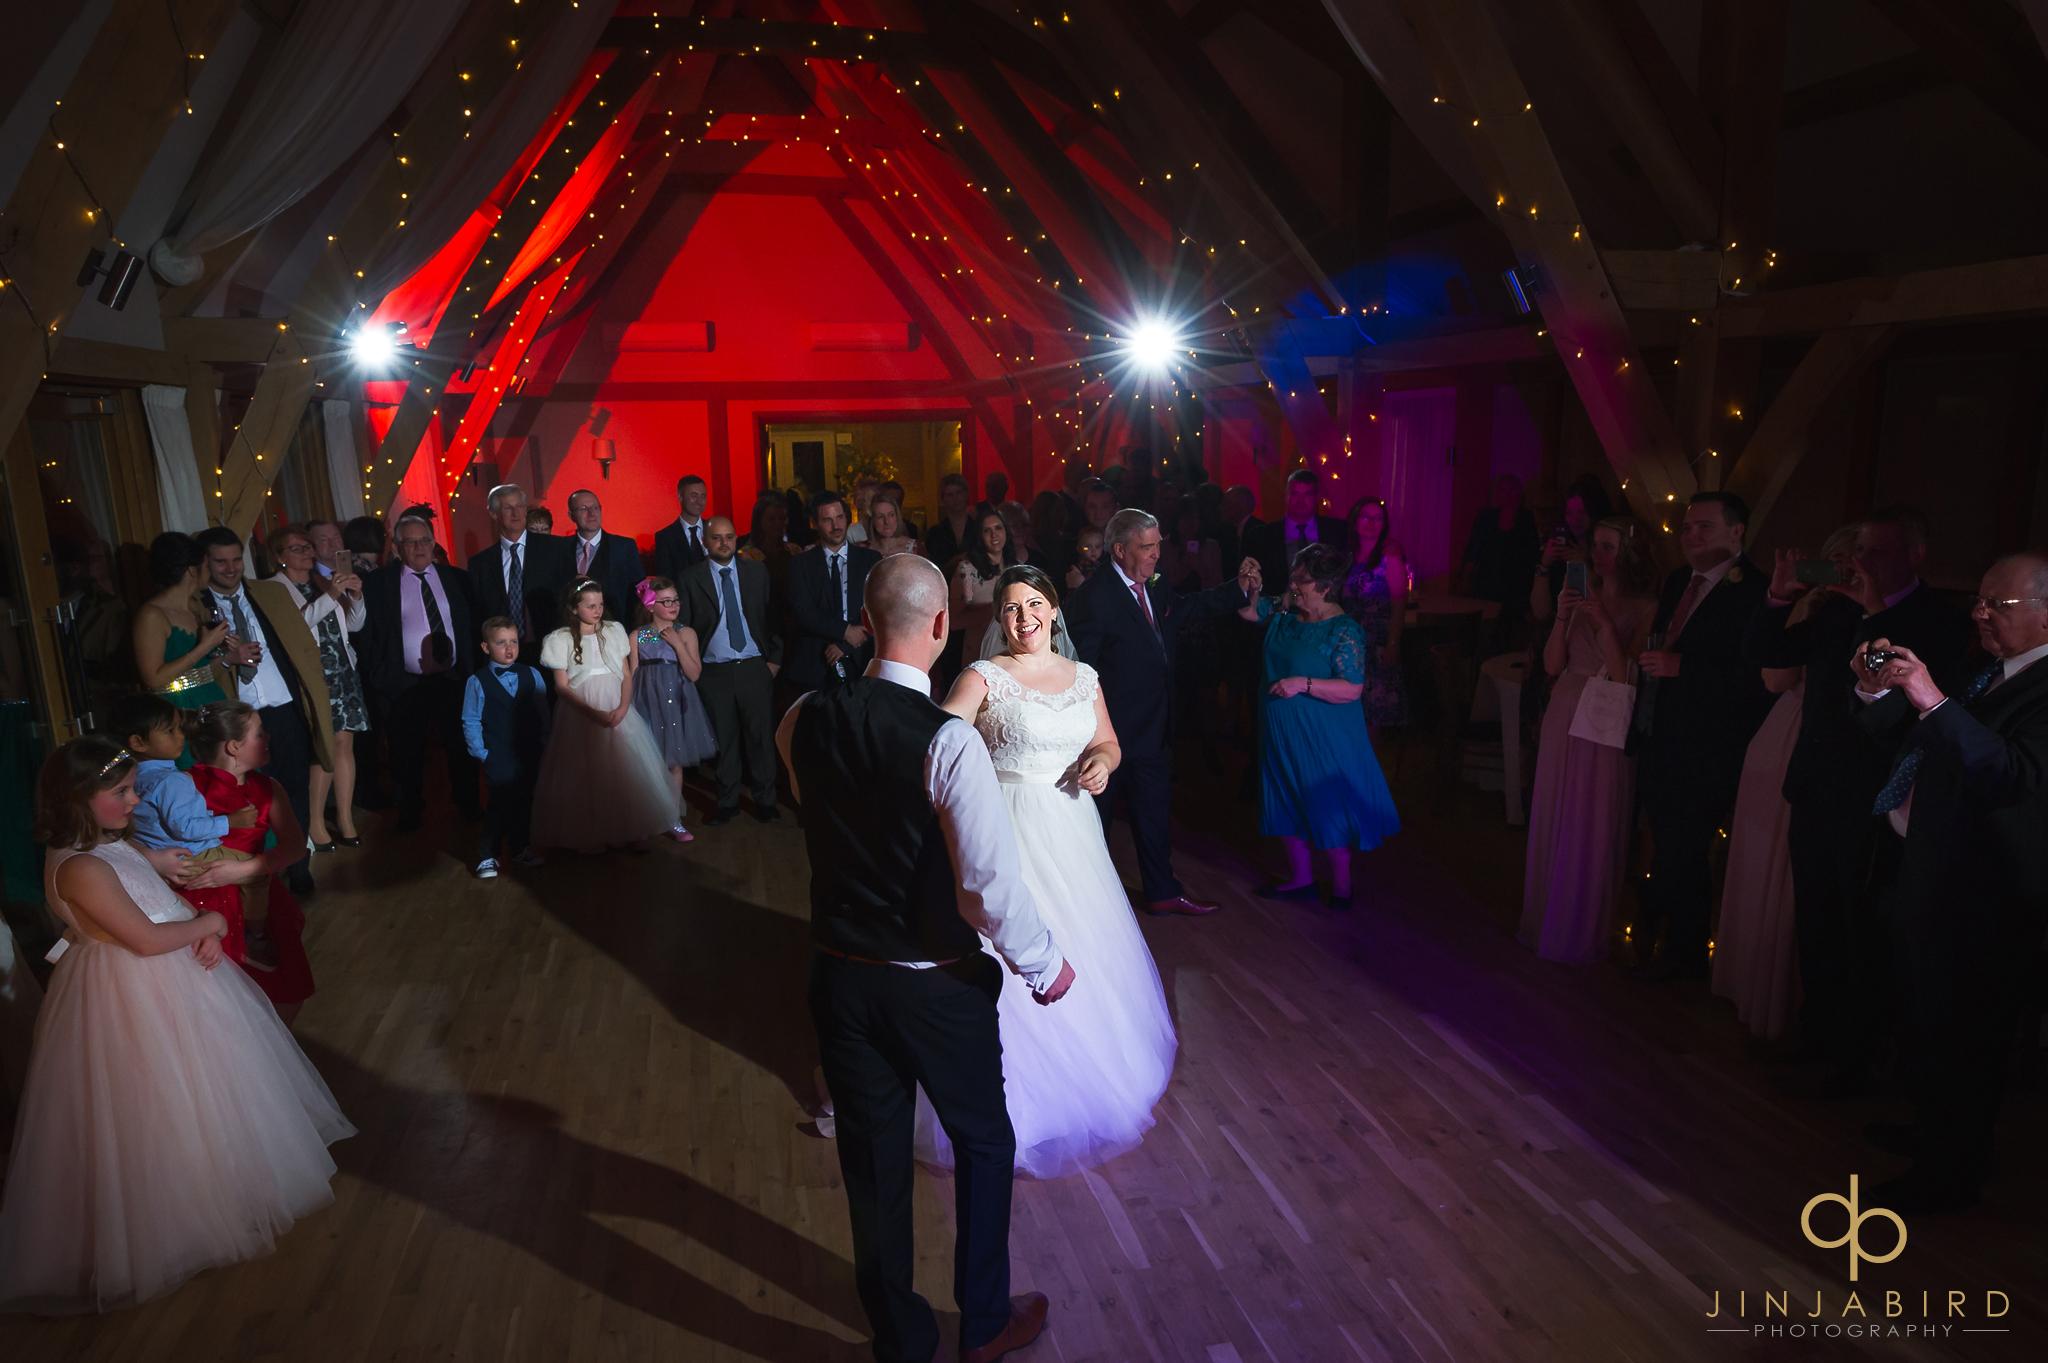 bride-dancing-with-groom